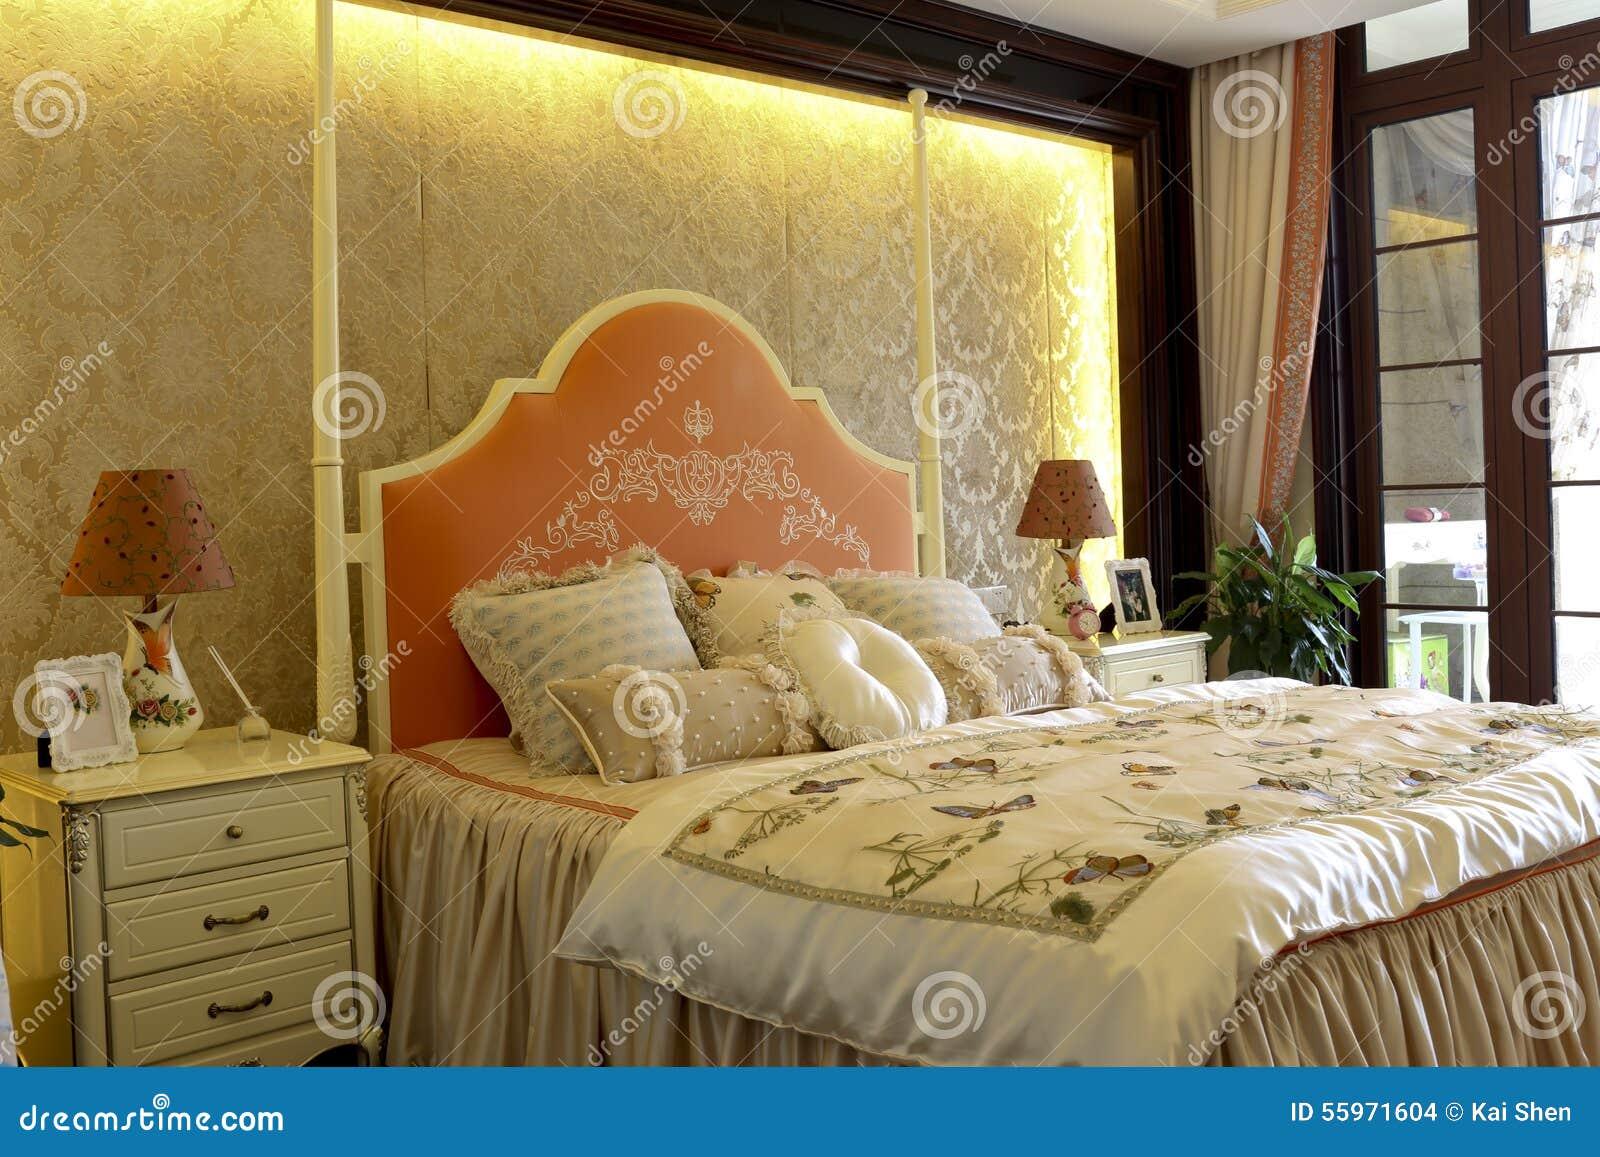 La camera da letto vivace della famiglia di colore decora - Decora la stanza ...